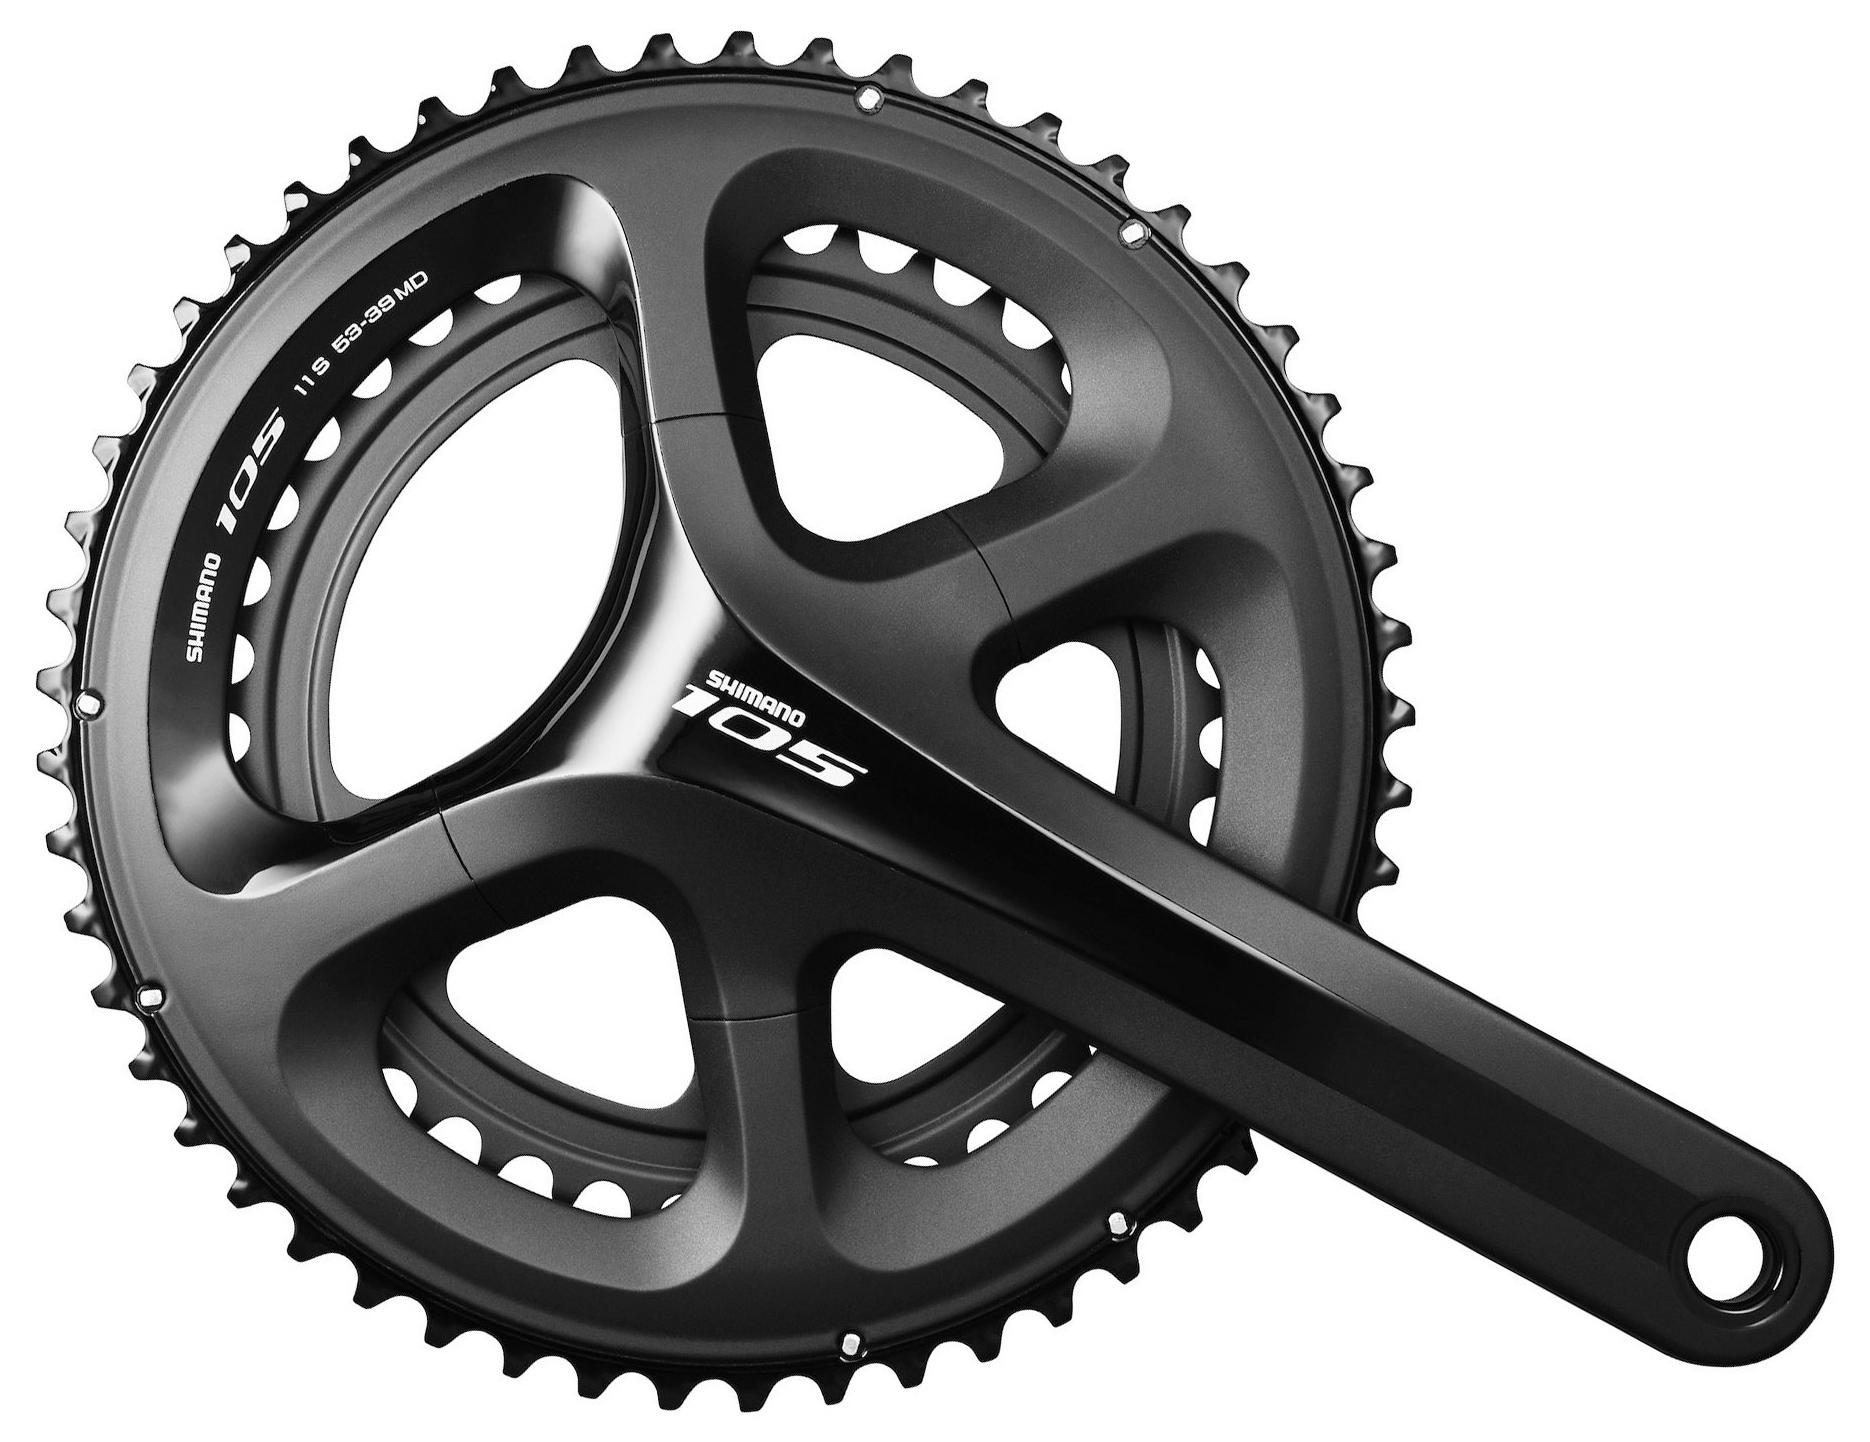 Запчасть Shimano 105, 5800, 11ск., 175мм (IFC5800EX04L) система велосипедная shimano altus 21 24скорости 48 38 28 175мм черная efcm311e888xl 2 932 1